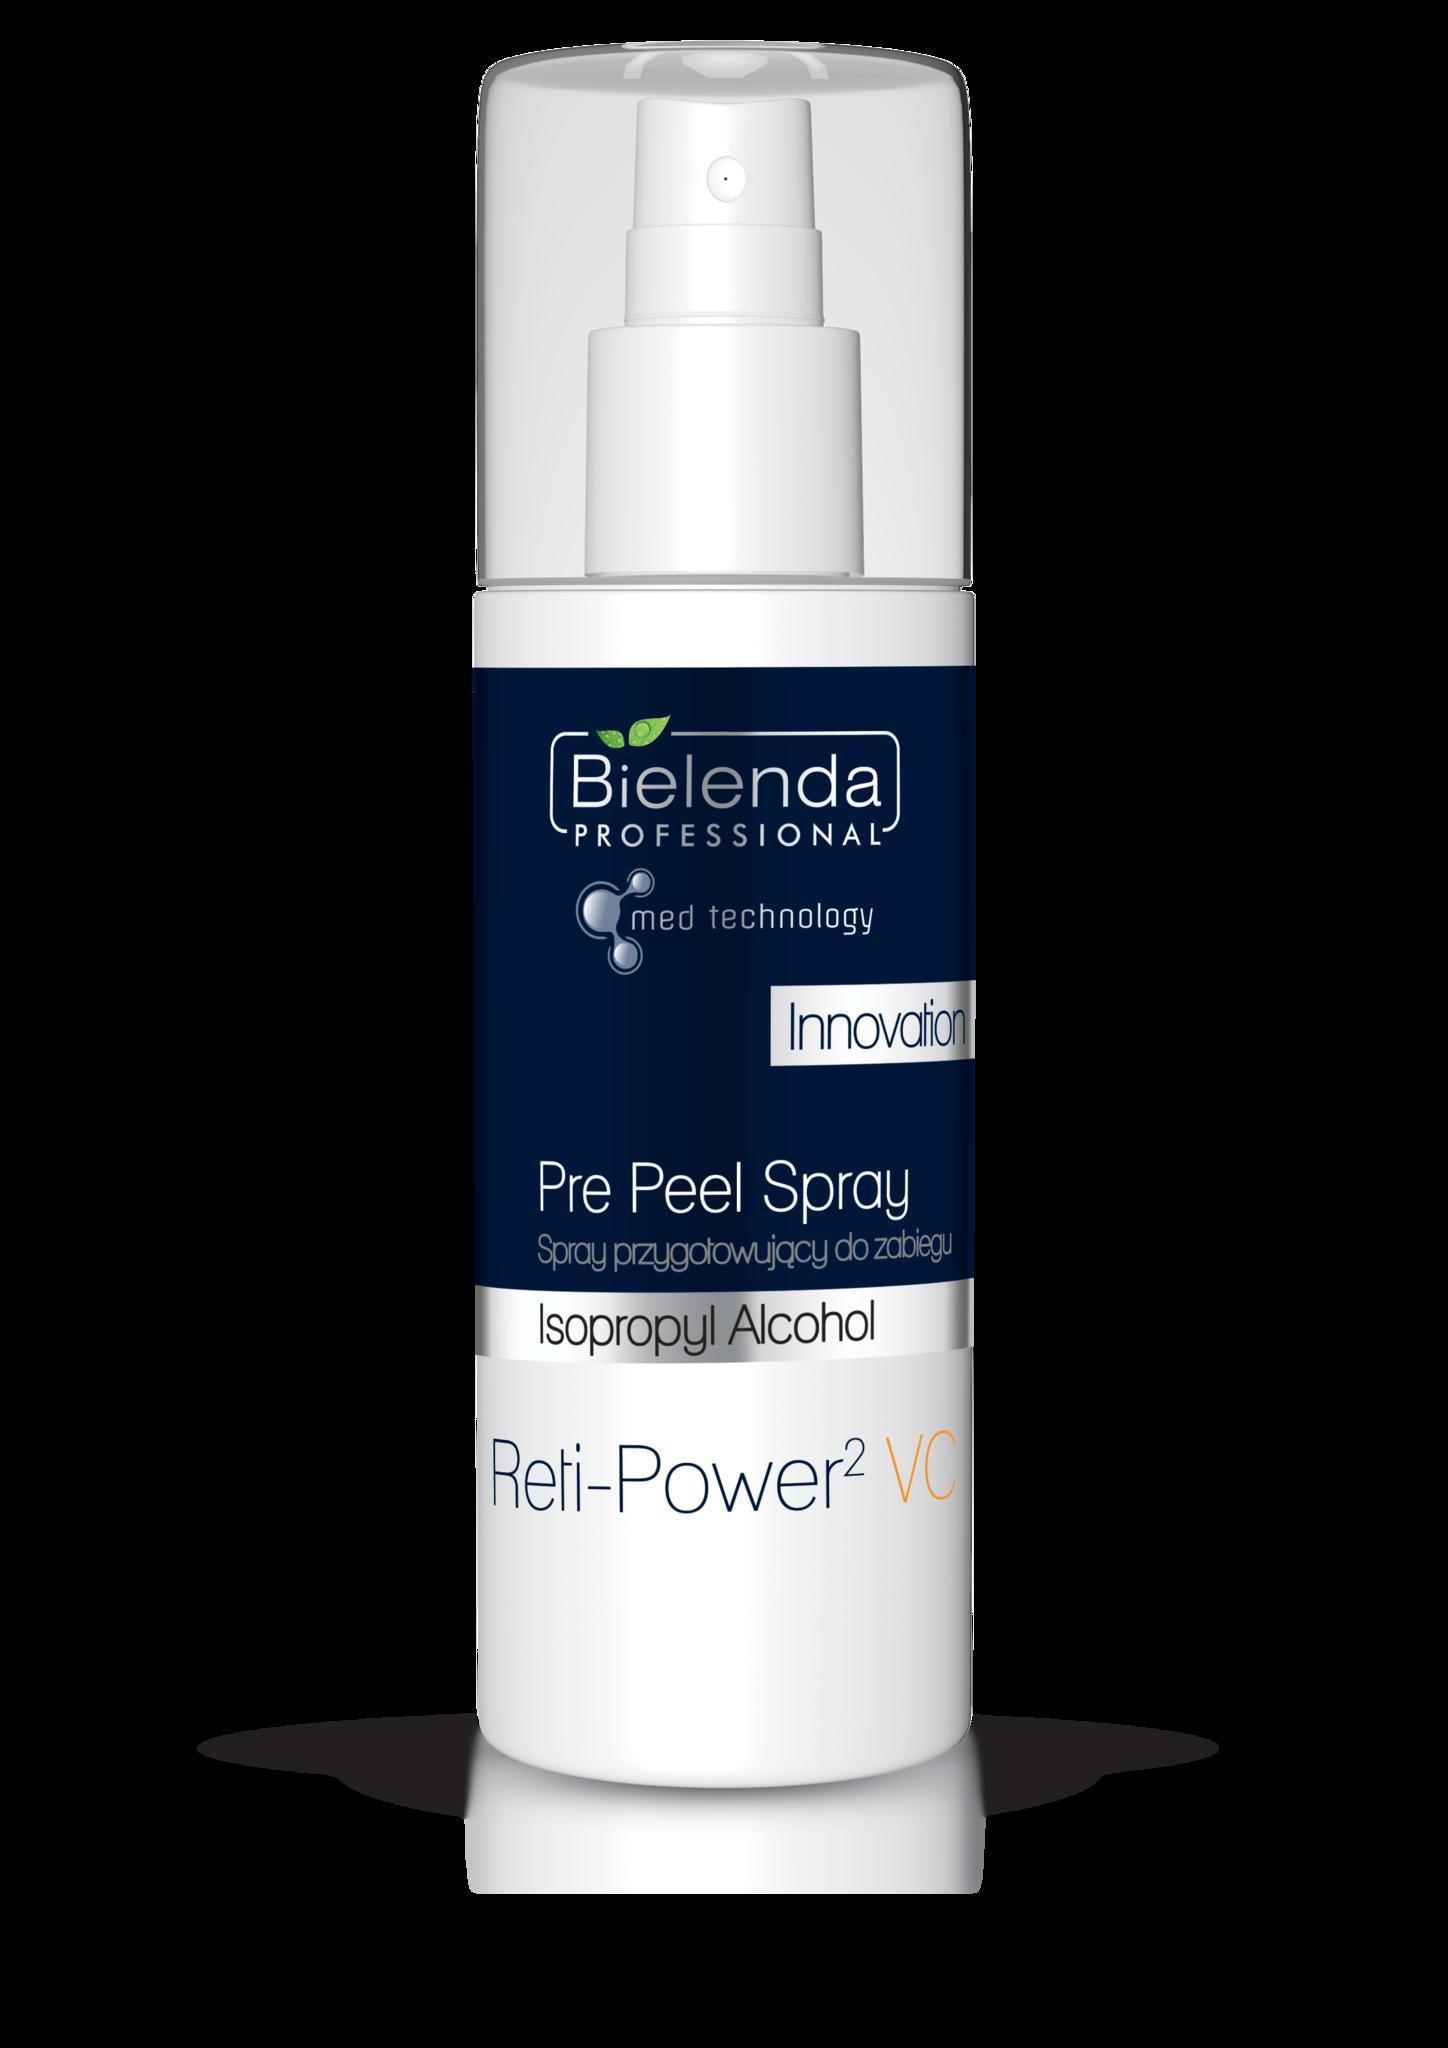 Reti-Power2 VC PRE PEEL SPRAY обезжириватель для кожи, подготавливающий к процедуре